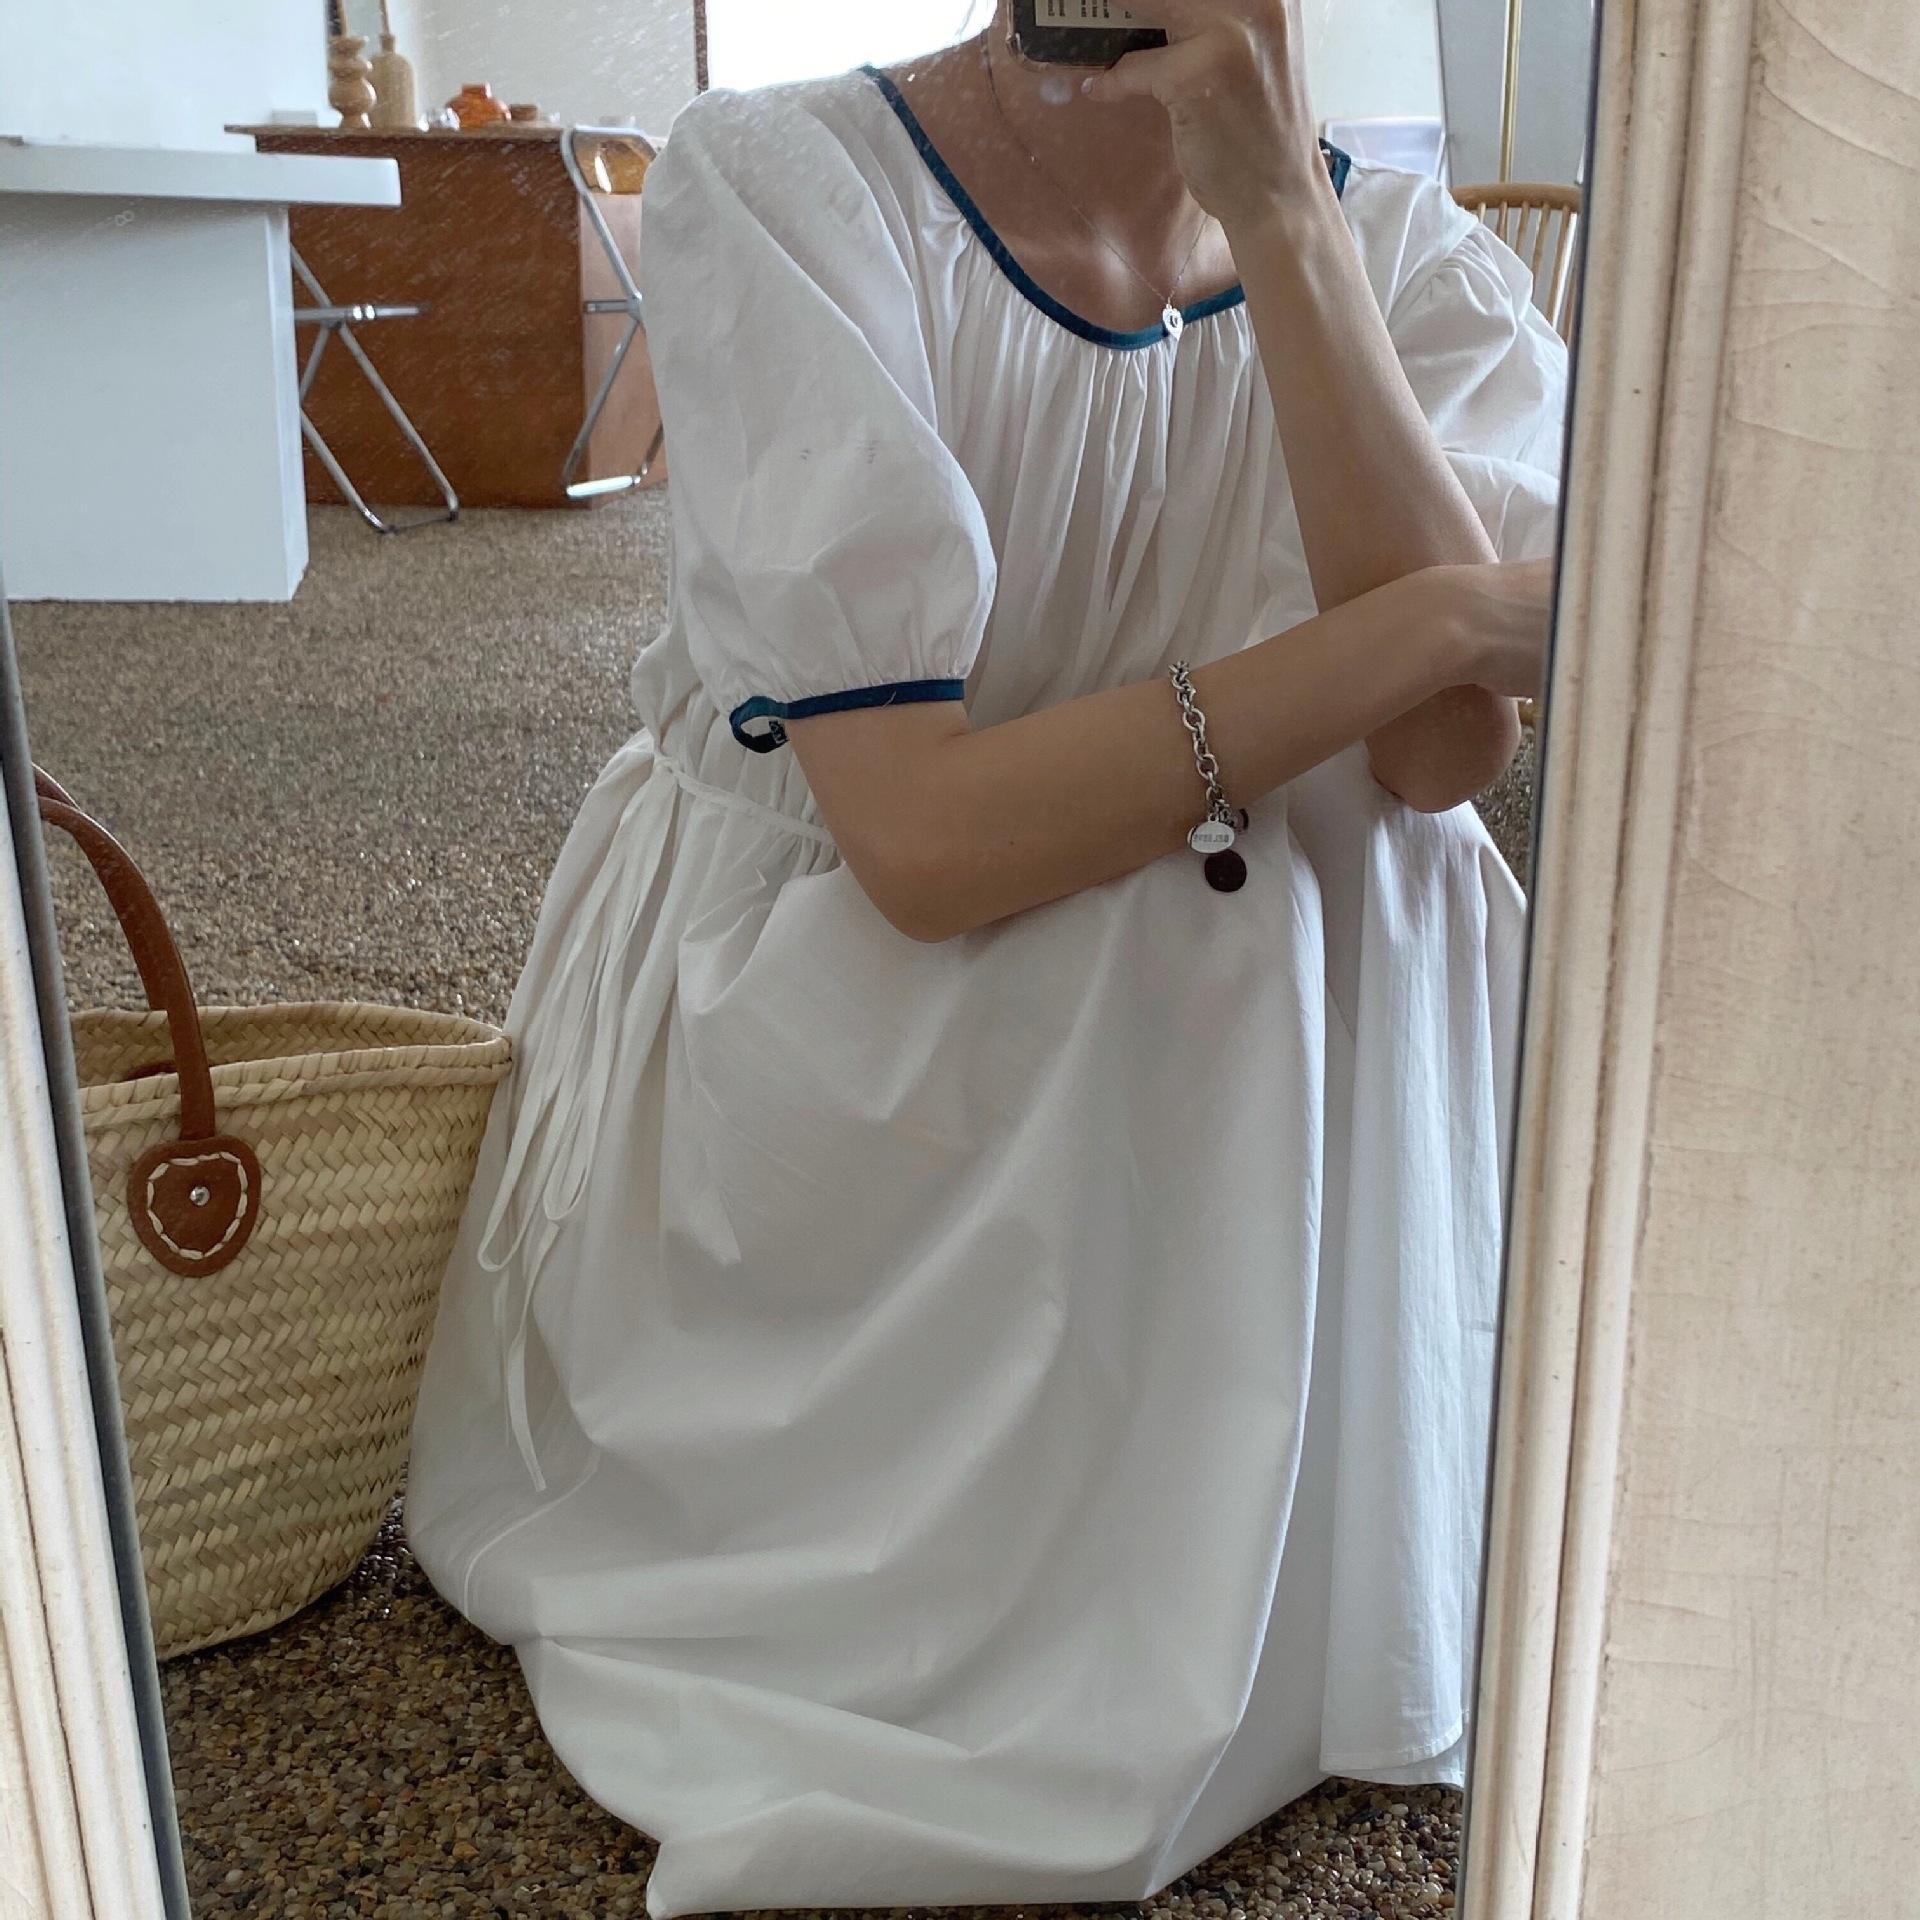 CefSF Французский платье 2020 новый воротник контрастного цвета темперамент средней длины талии Platycodon grandiflorum платье